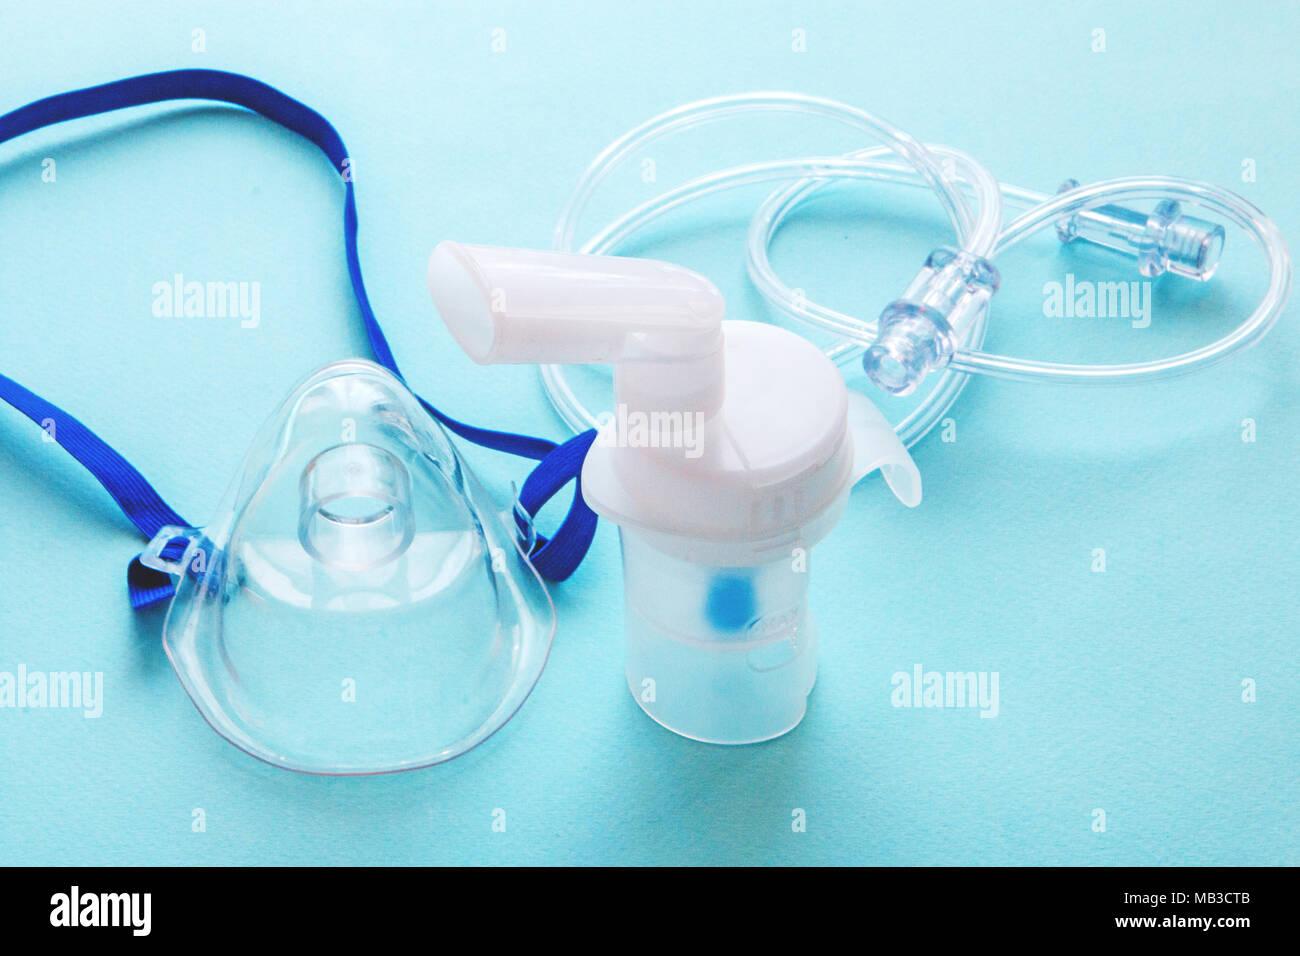 tube mask nebulizer and tubular transparent cable. - Stock Image